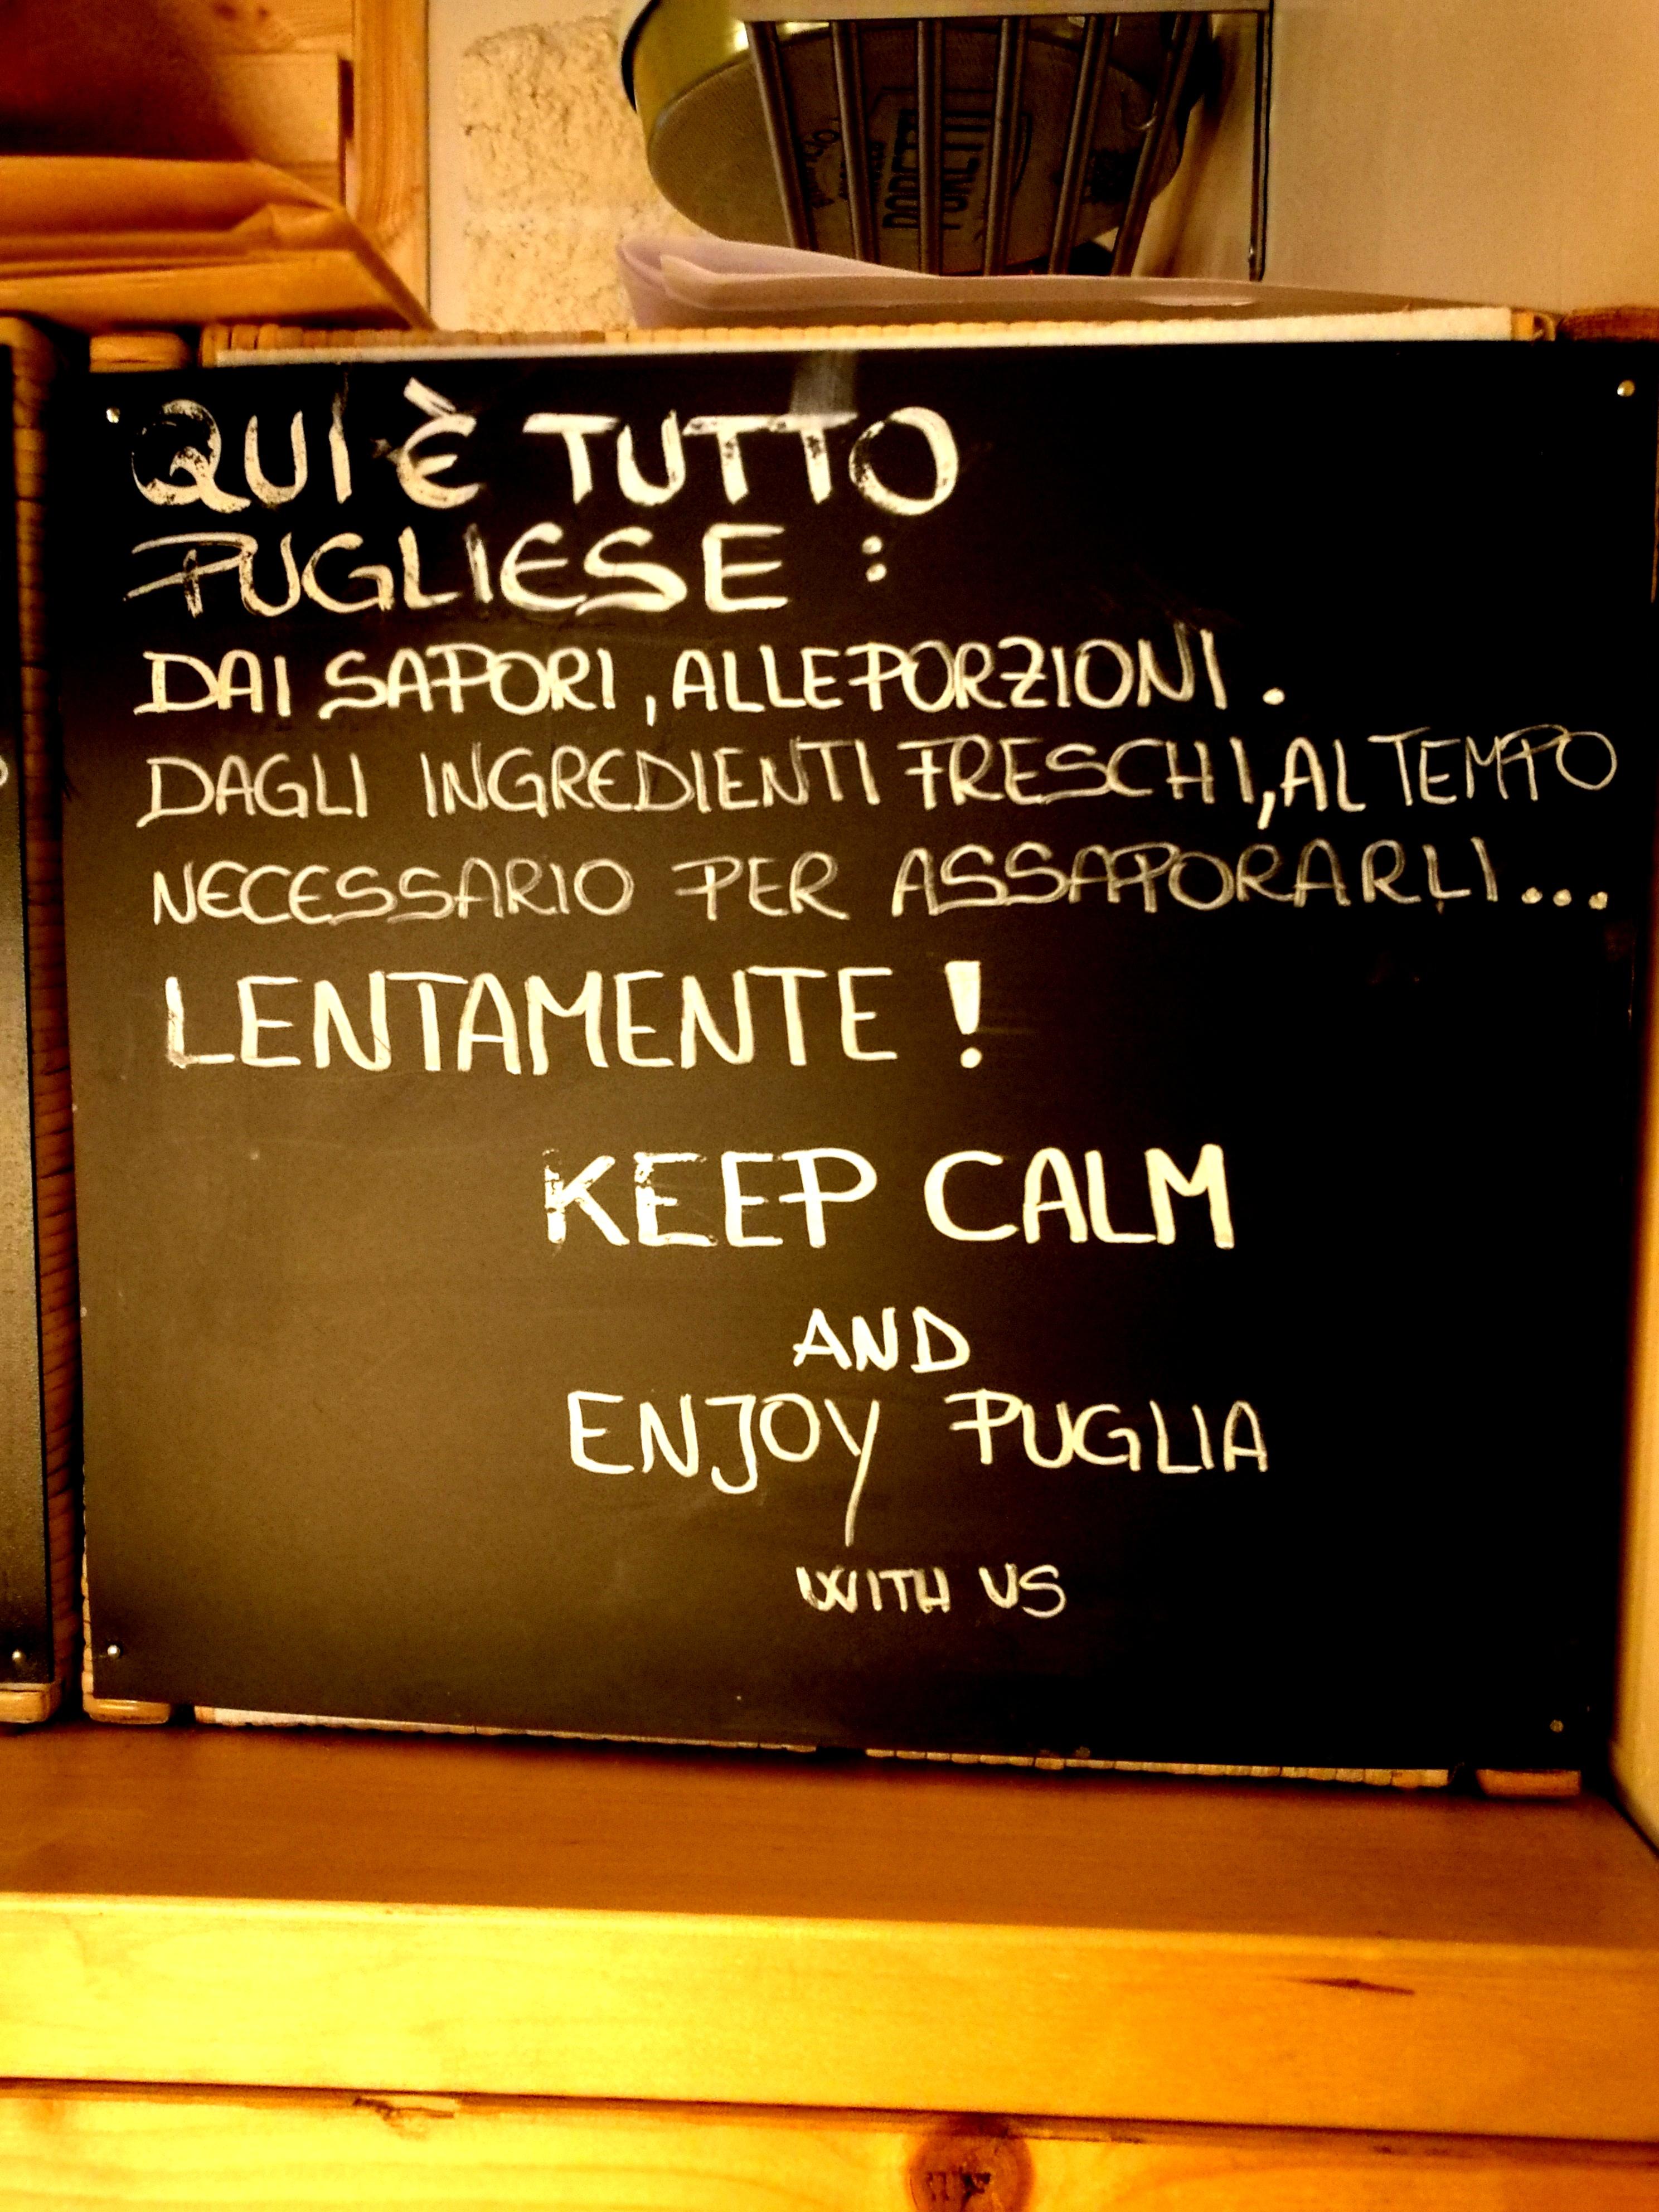 Puglia Bakery propone cucina pugliese senza glutine